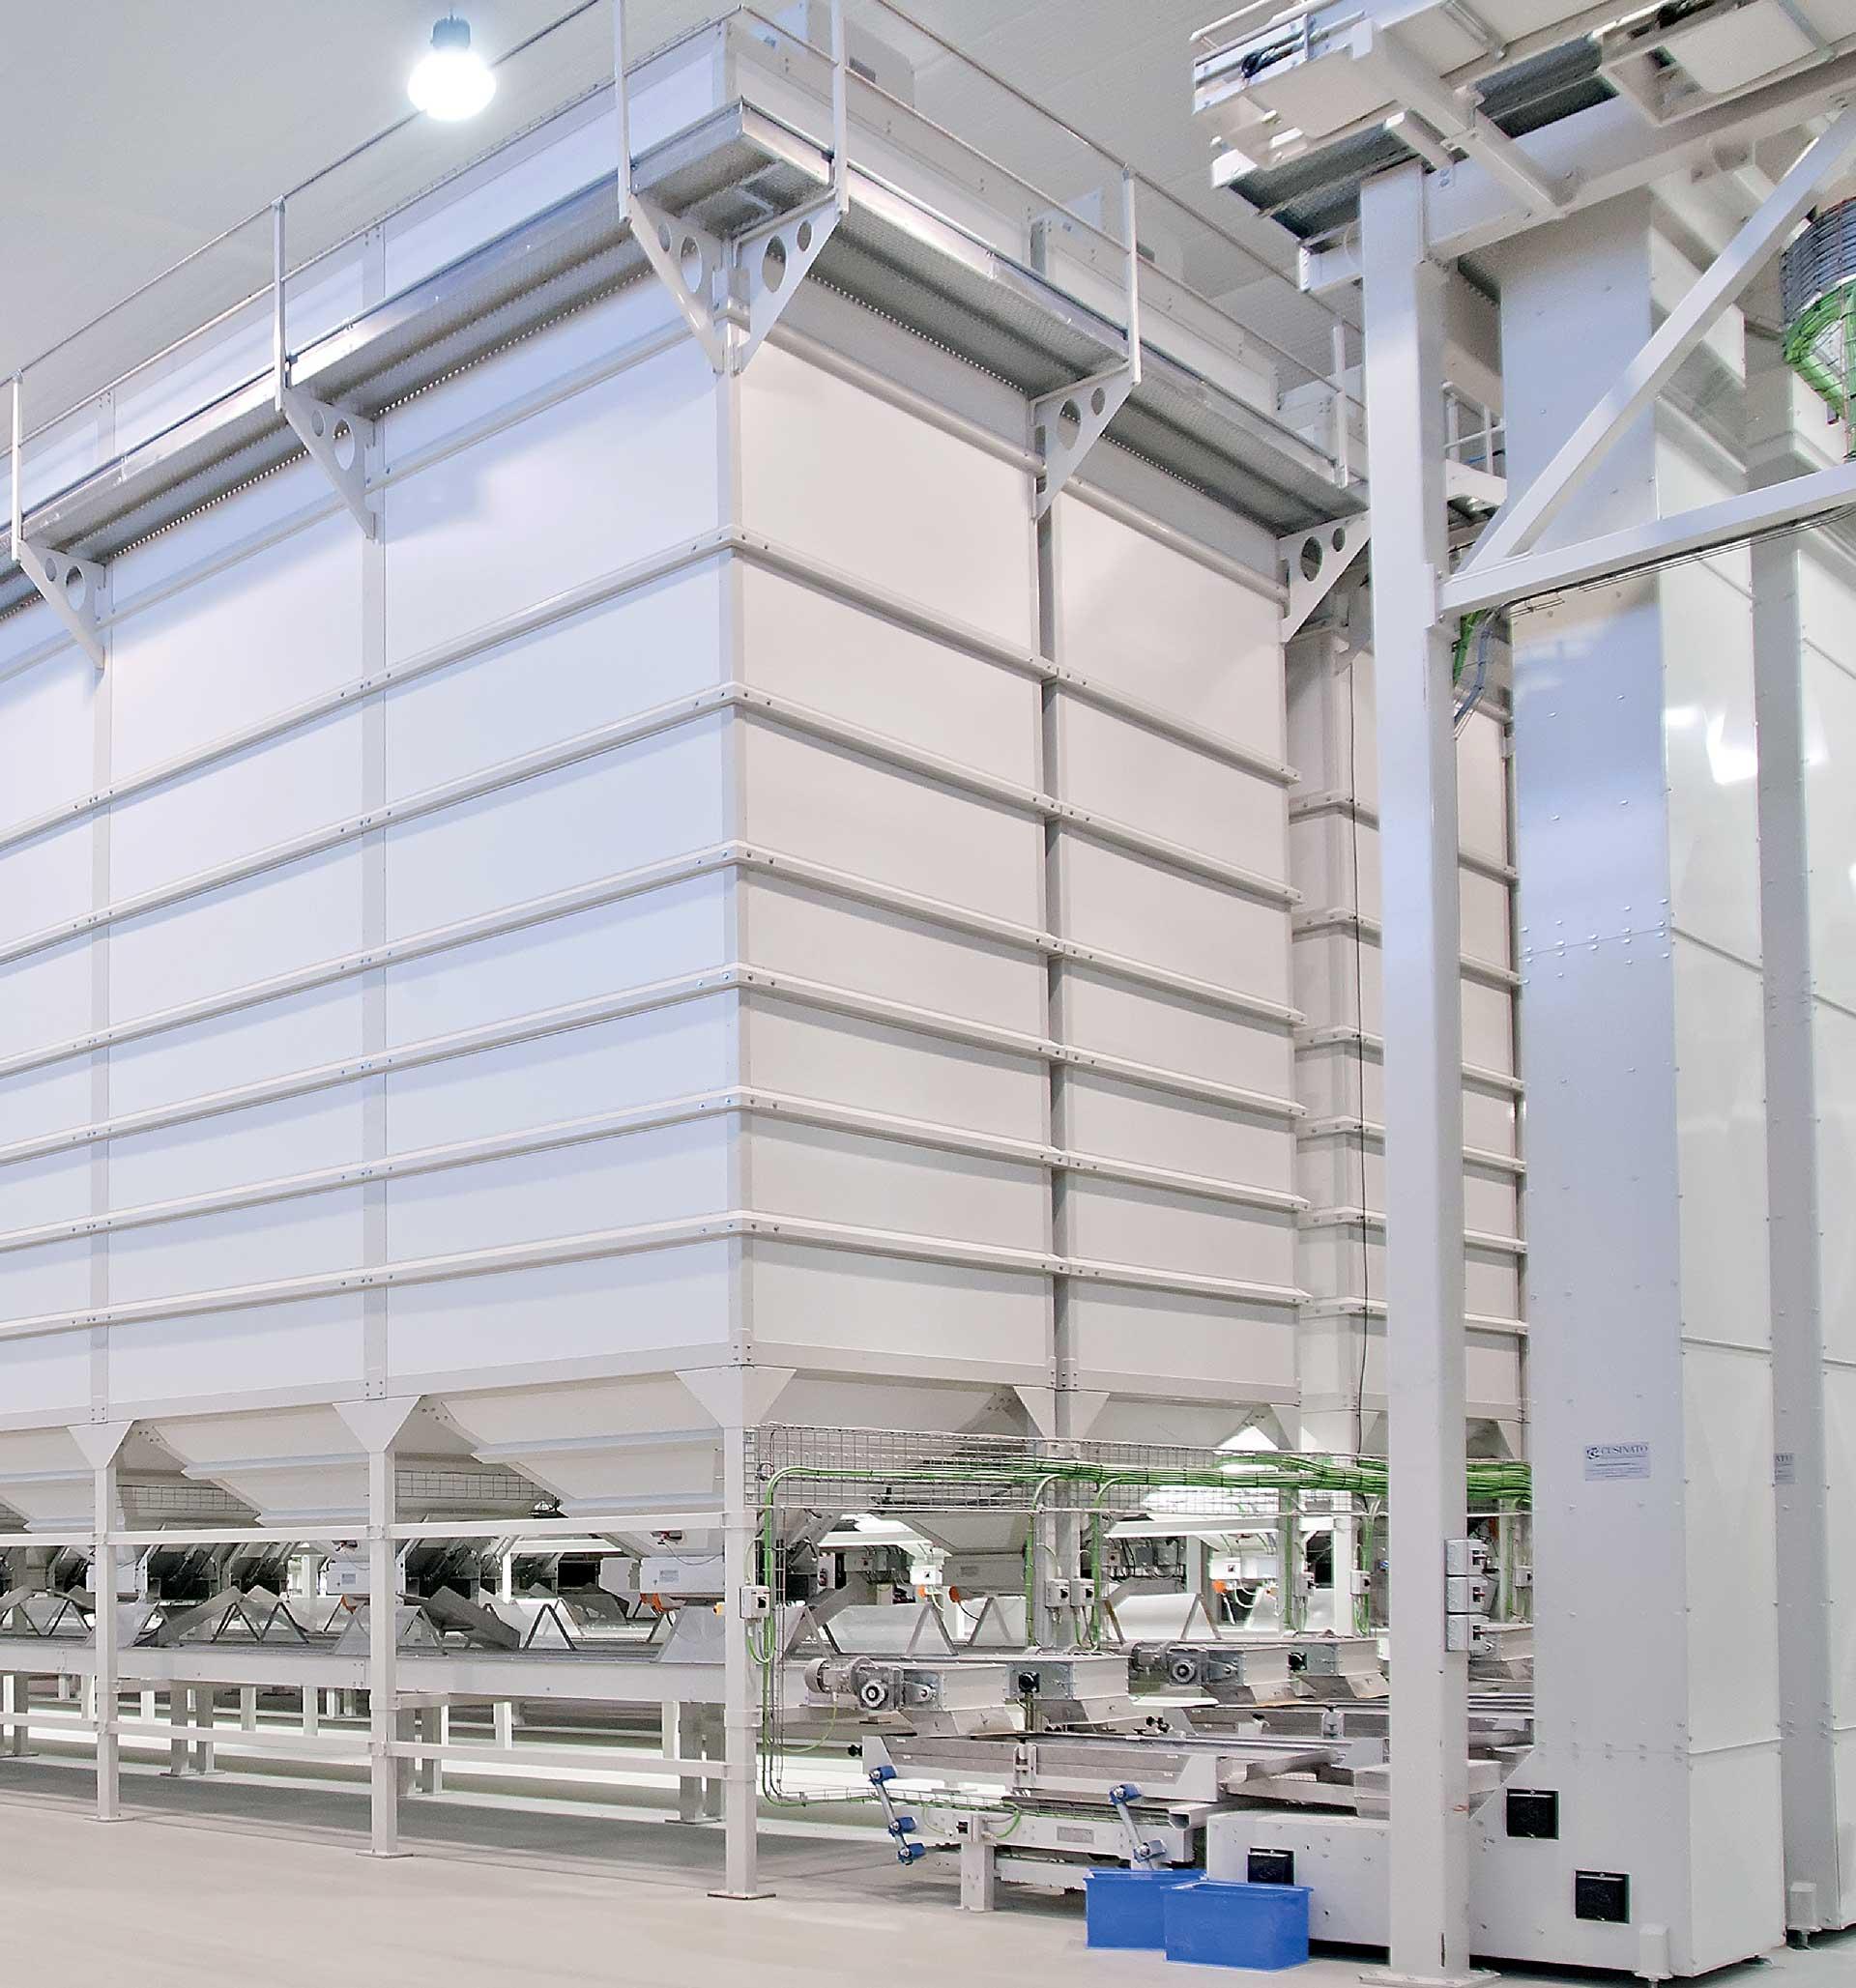 Impianti di Stoccaggio per Prodotti Fragili | Impianti per il Trasporto e lo Stoccaggio - foto1